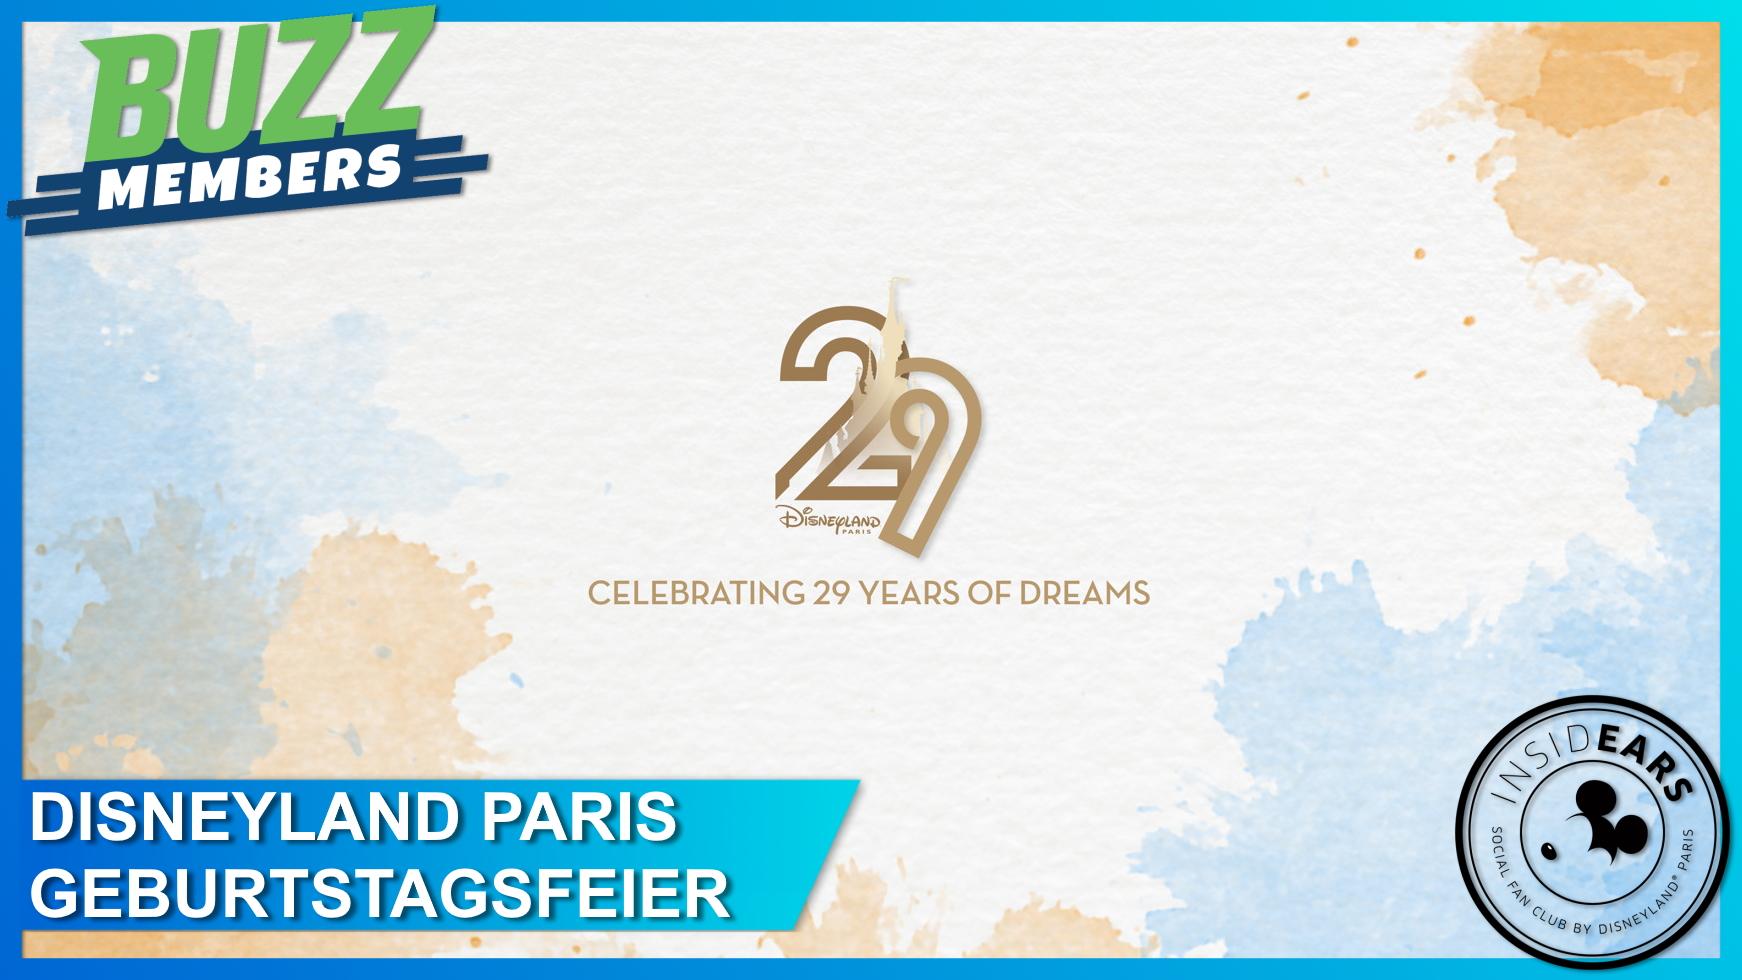 Disneyland Paris virtuelle Geburtstagsfeier 29